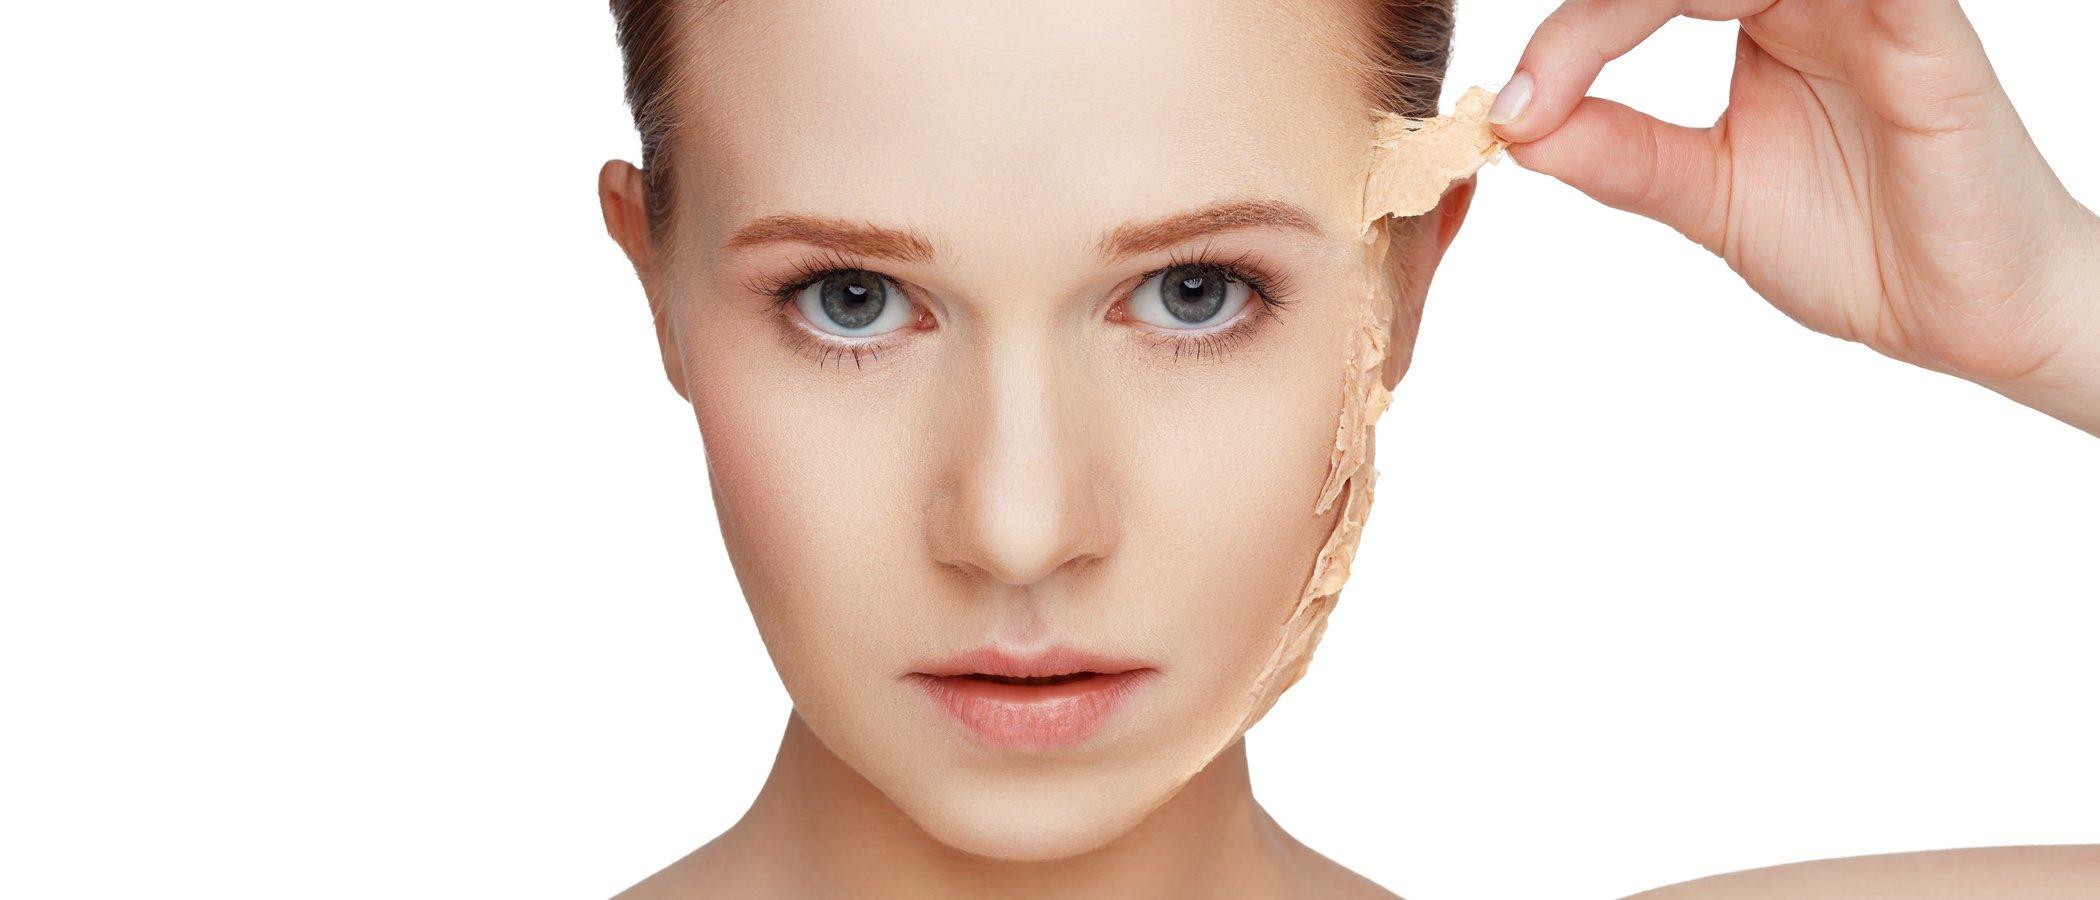 Piel escamosa: remedios caseros contra la sequedad de la piel